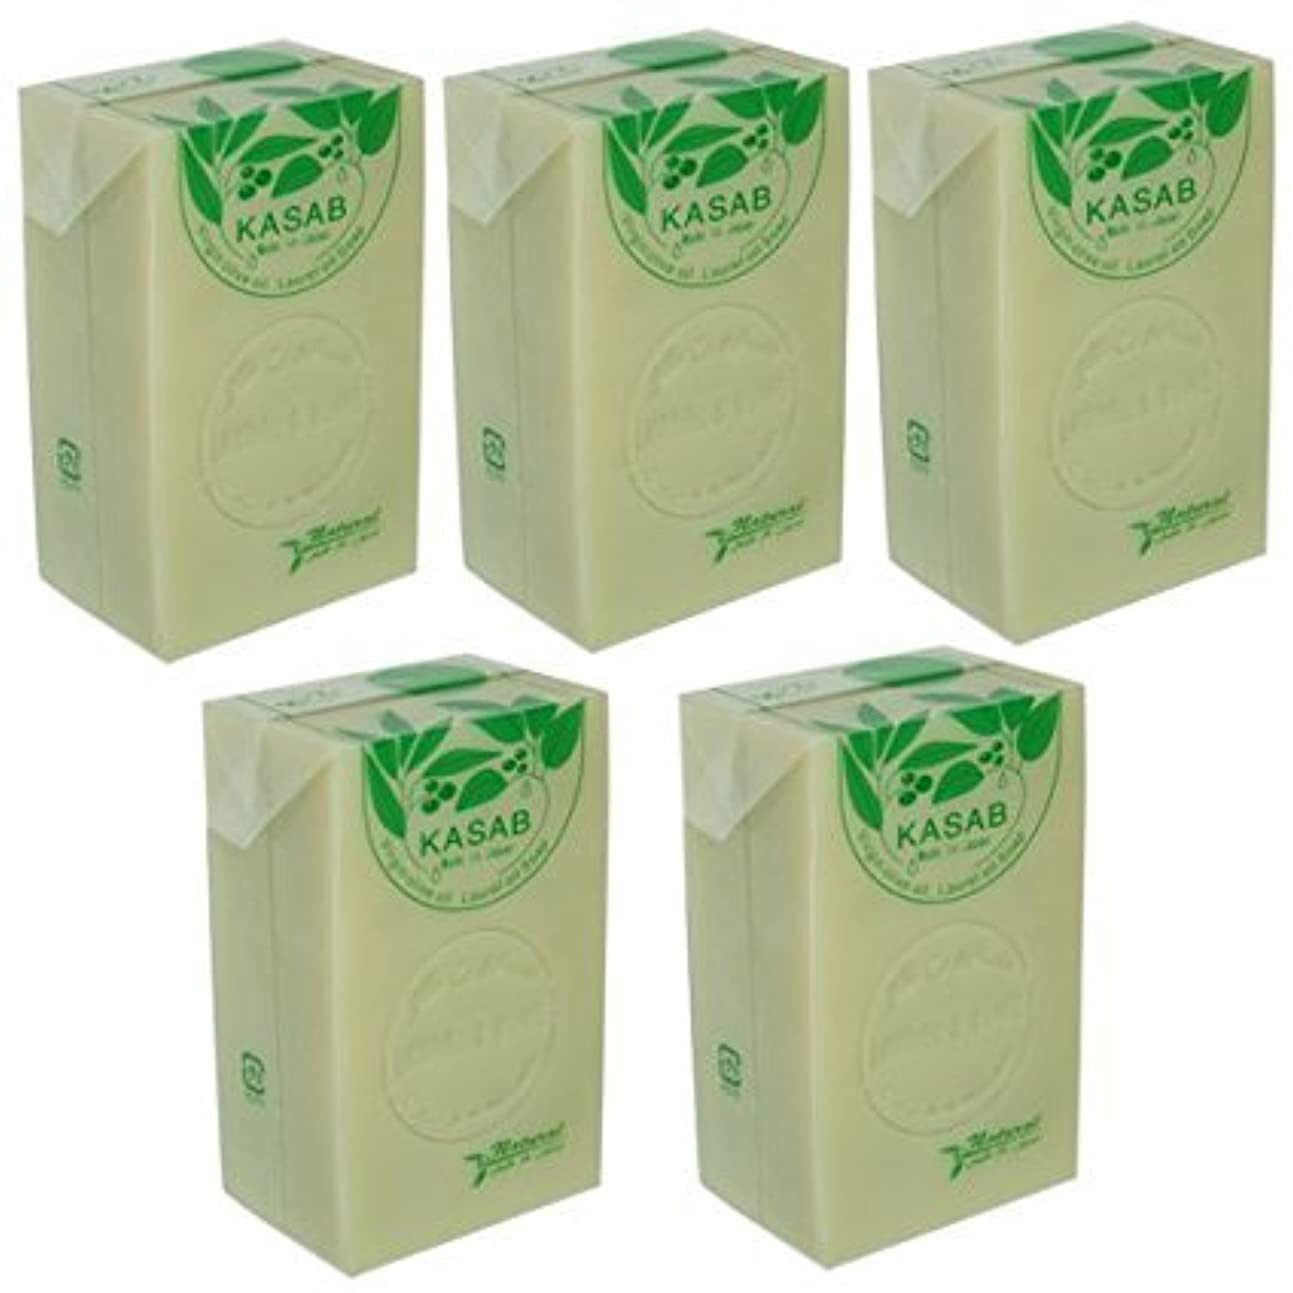 鷹電気的白いカサブ石鹸5個セット